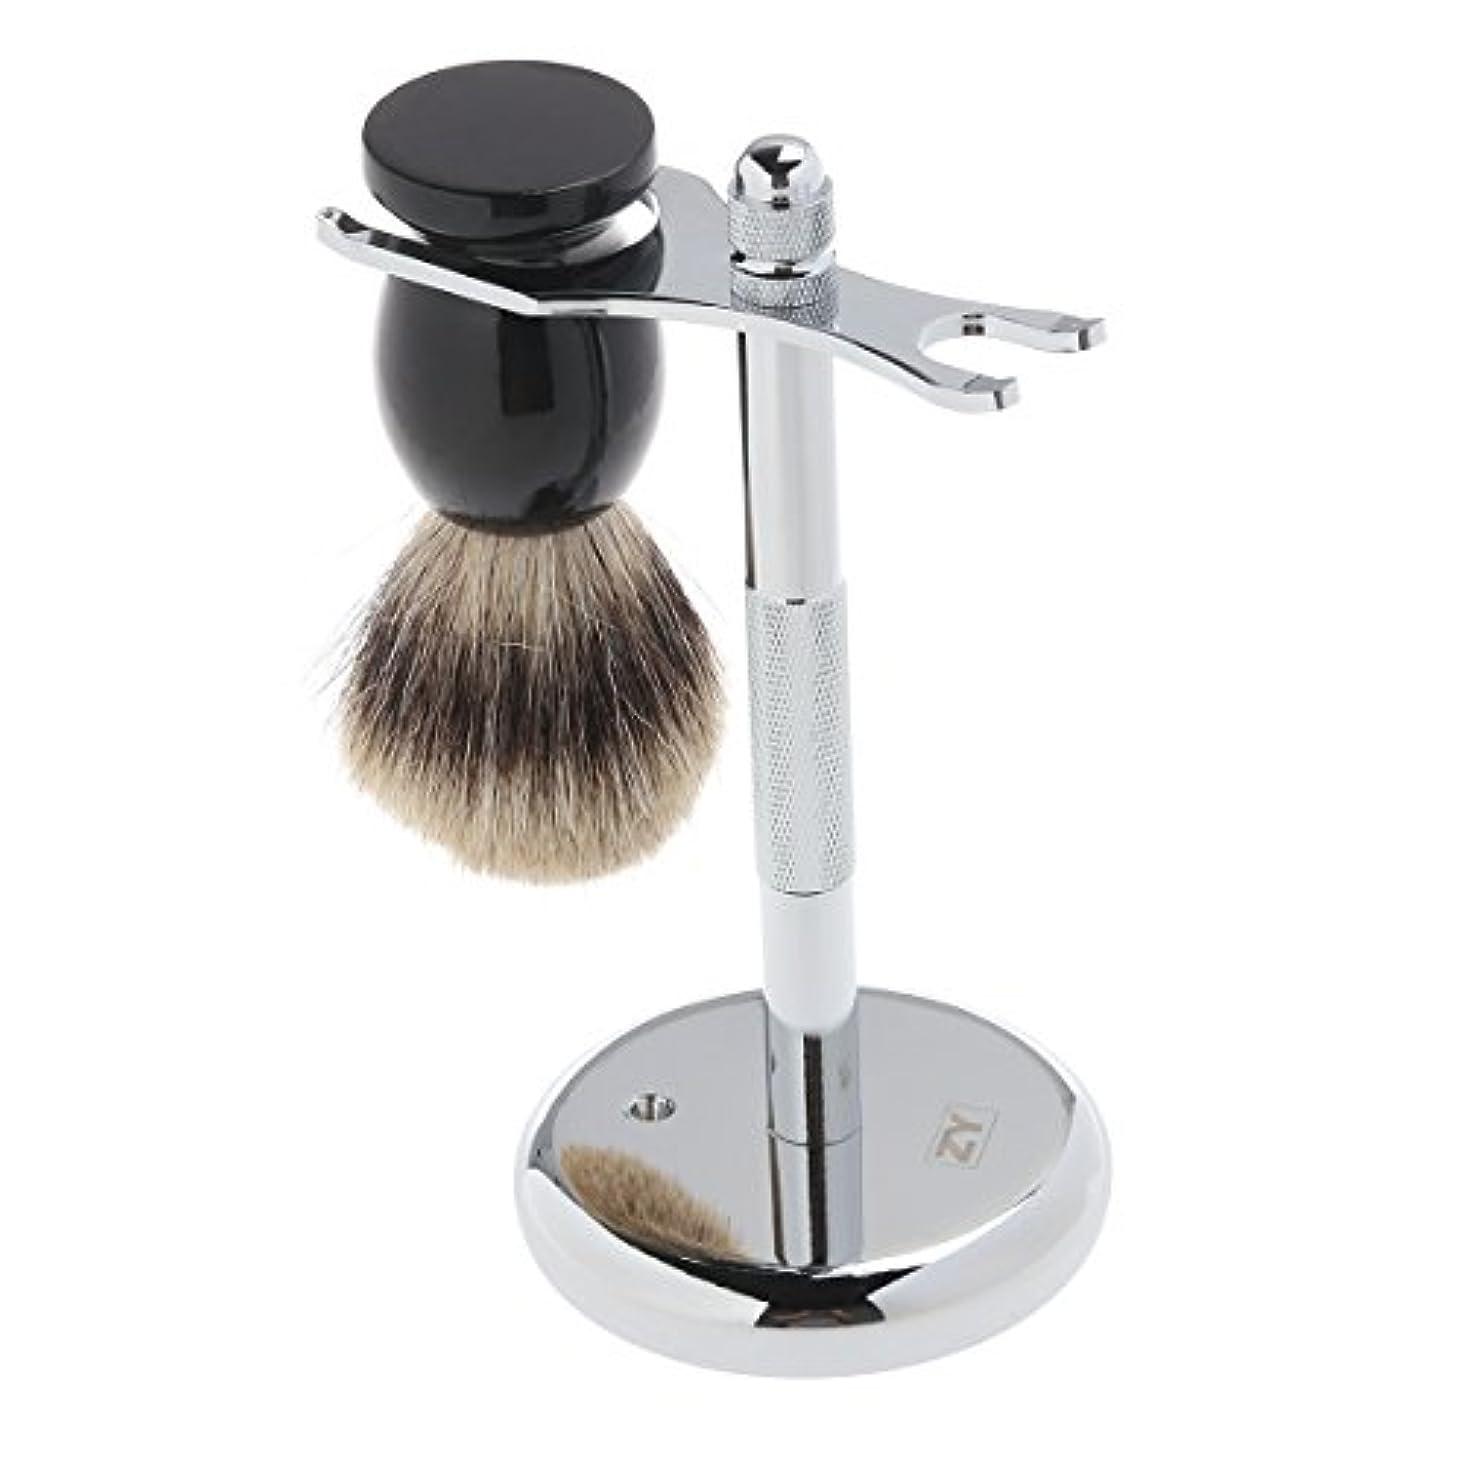 レジ魅惑的なこっそりROSENICE アナグマ毛 + シェービング ブラシ 2 個シェービング スタンド セット クロム スタンド木製ブラシ